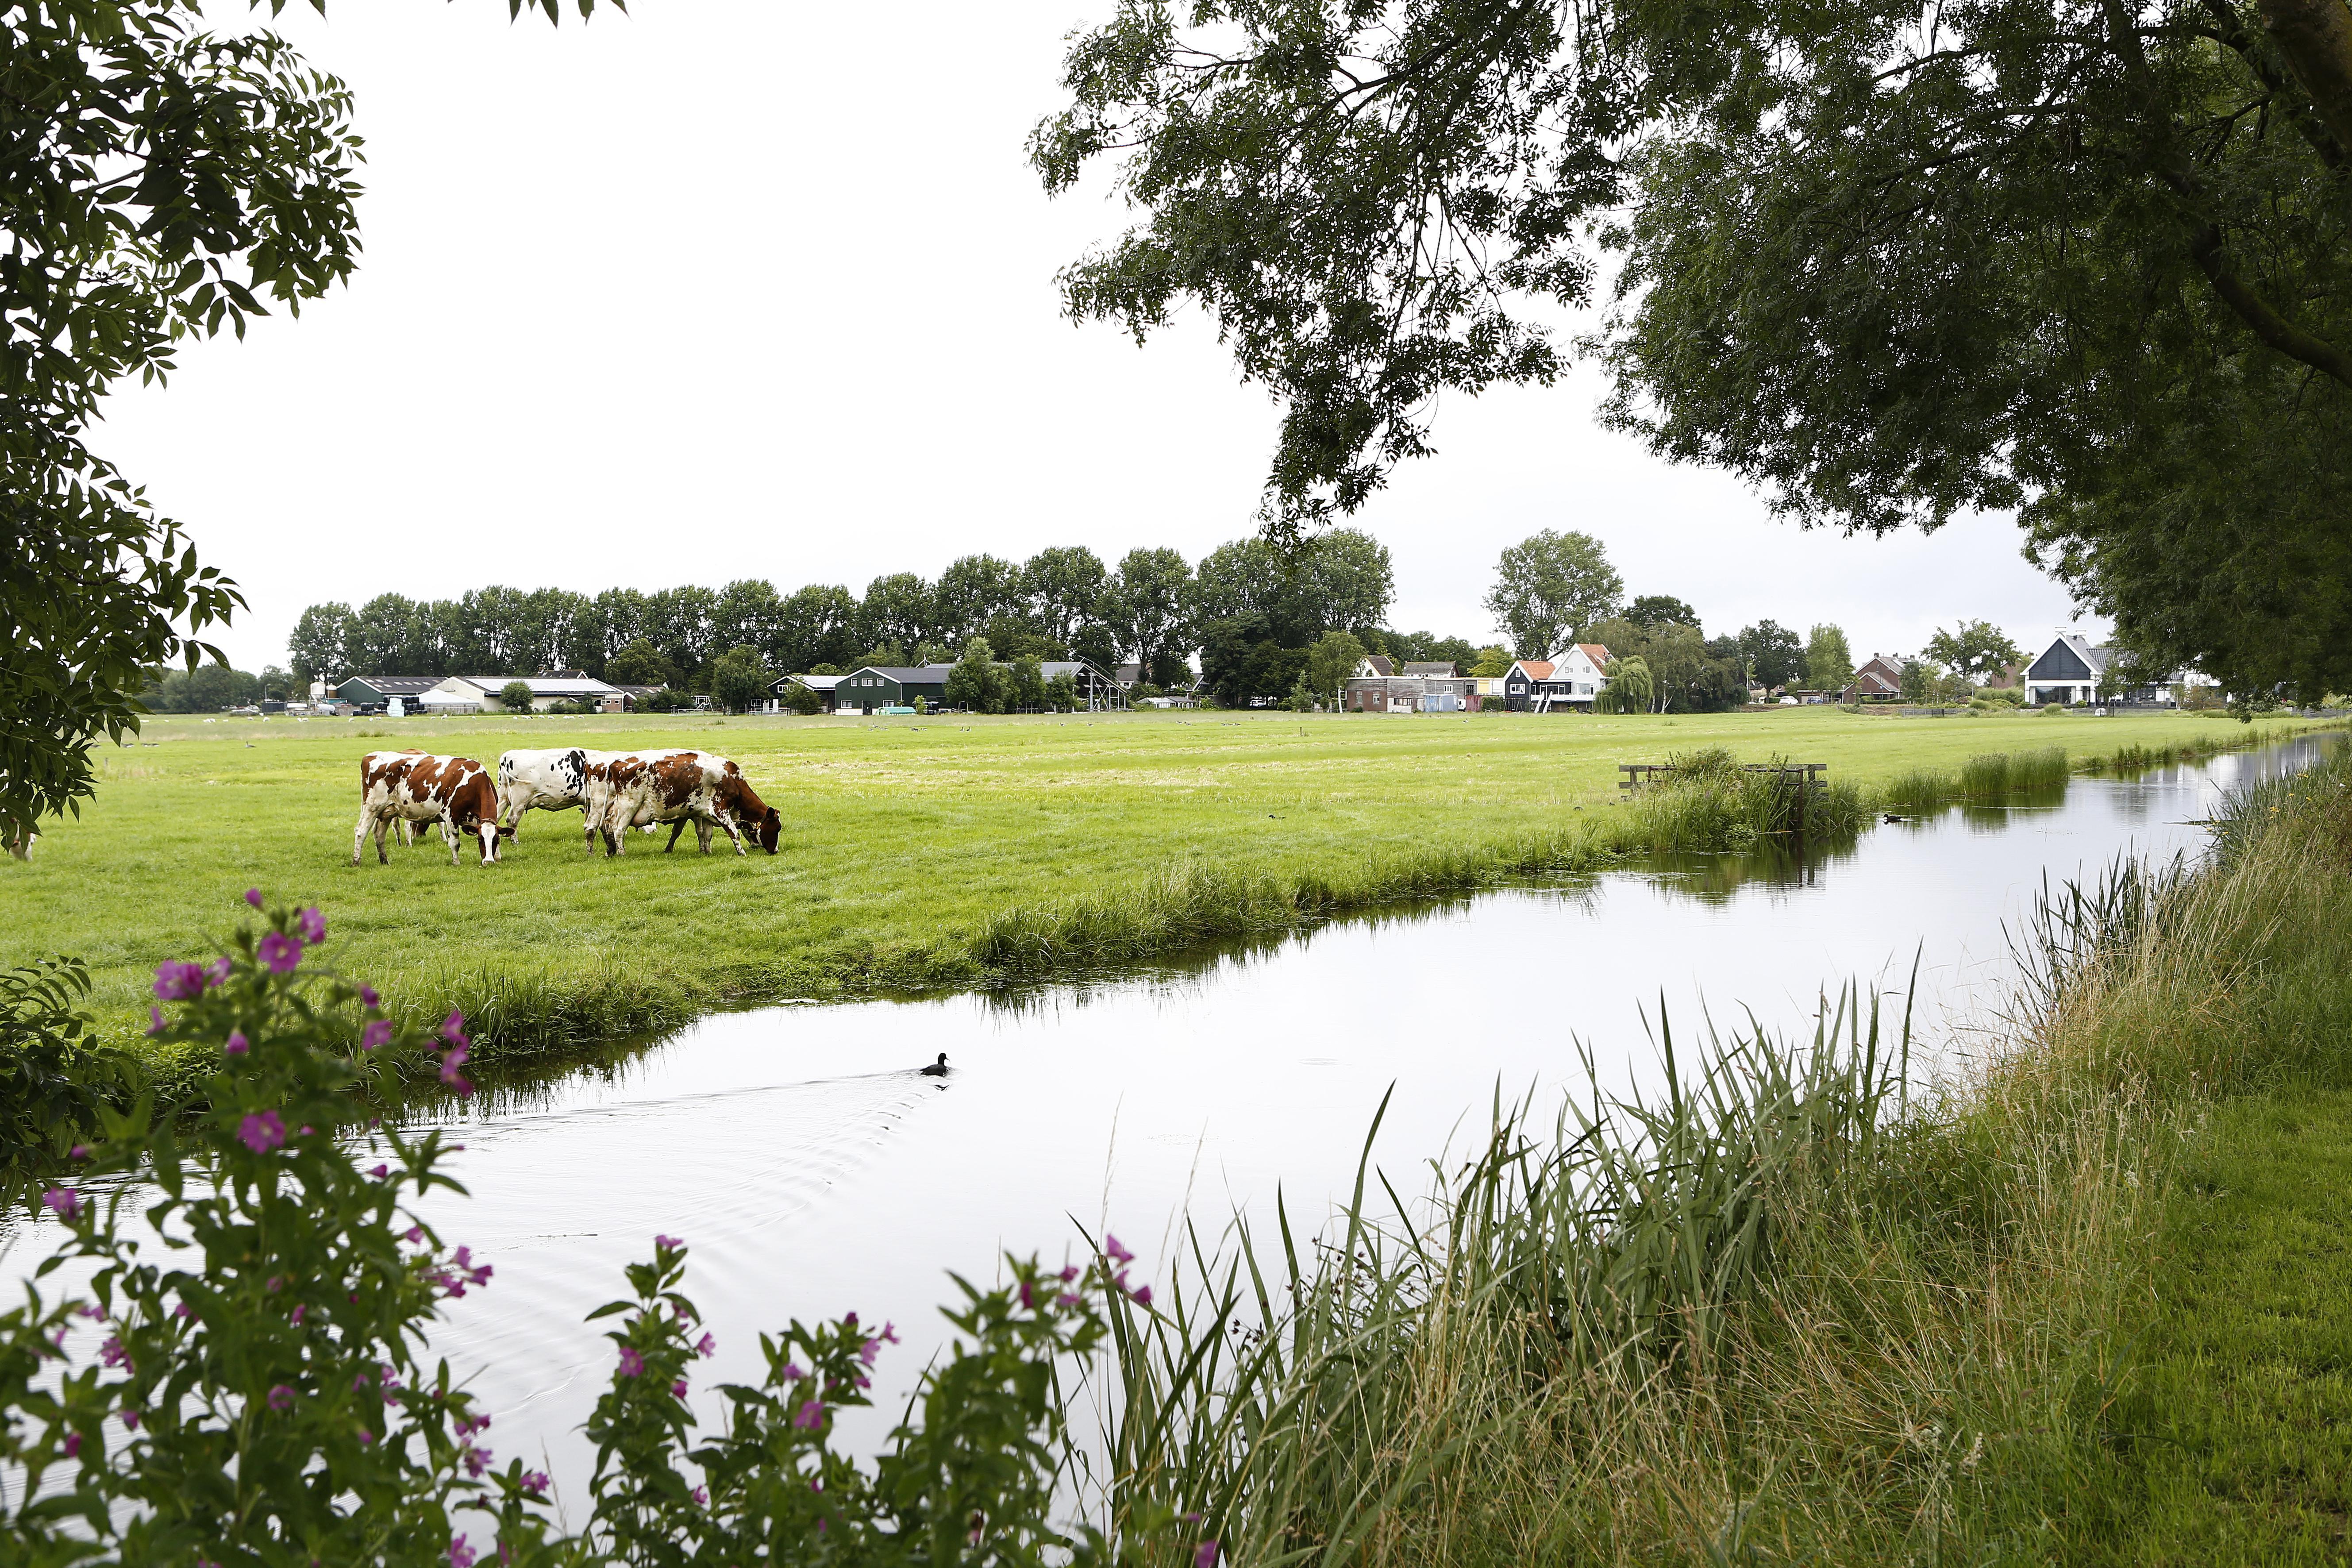 Noord-Holland zal honderden Wijdemeerse woningen in de polder niet dwarsbomen, tot ergernis van de provinciale politiek